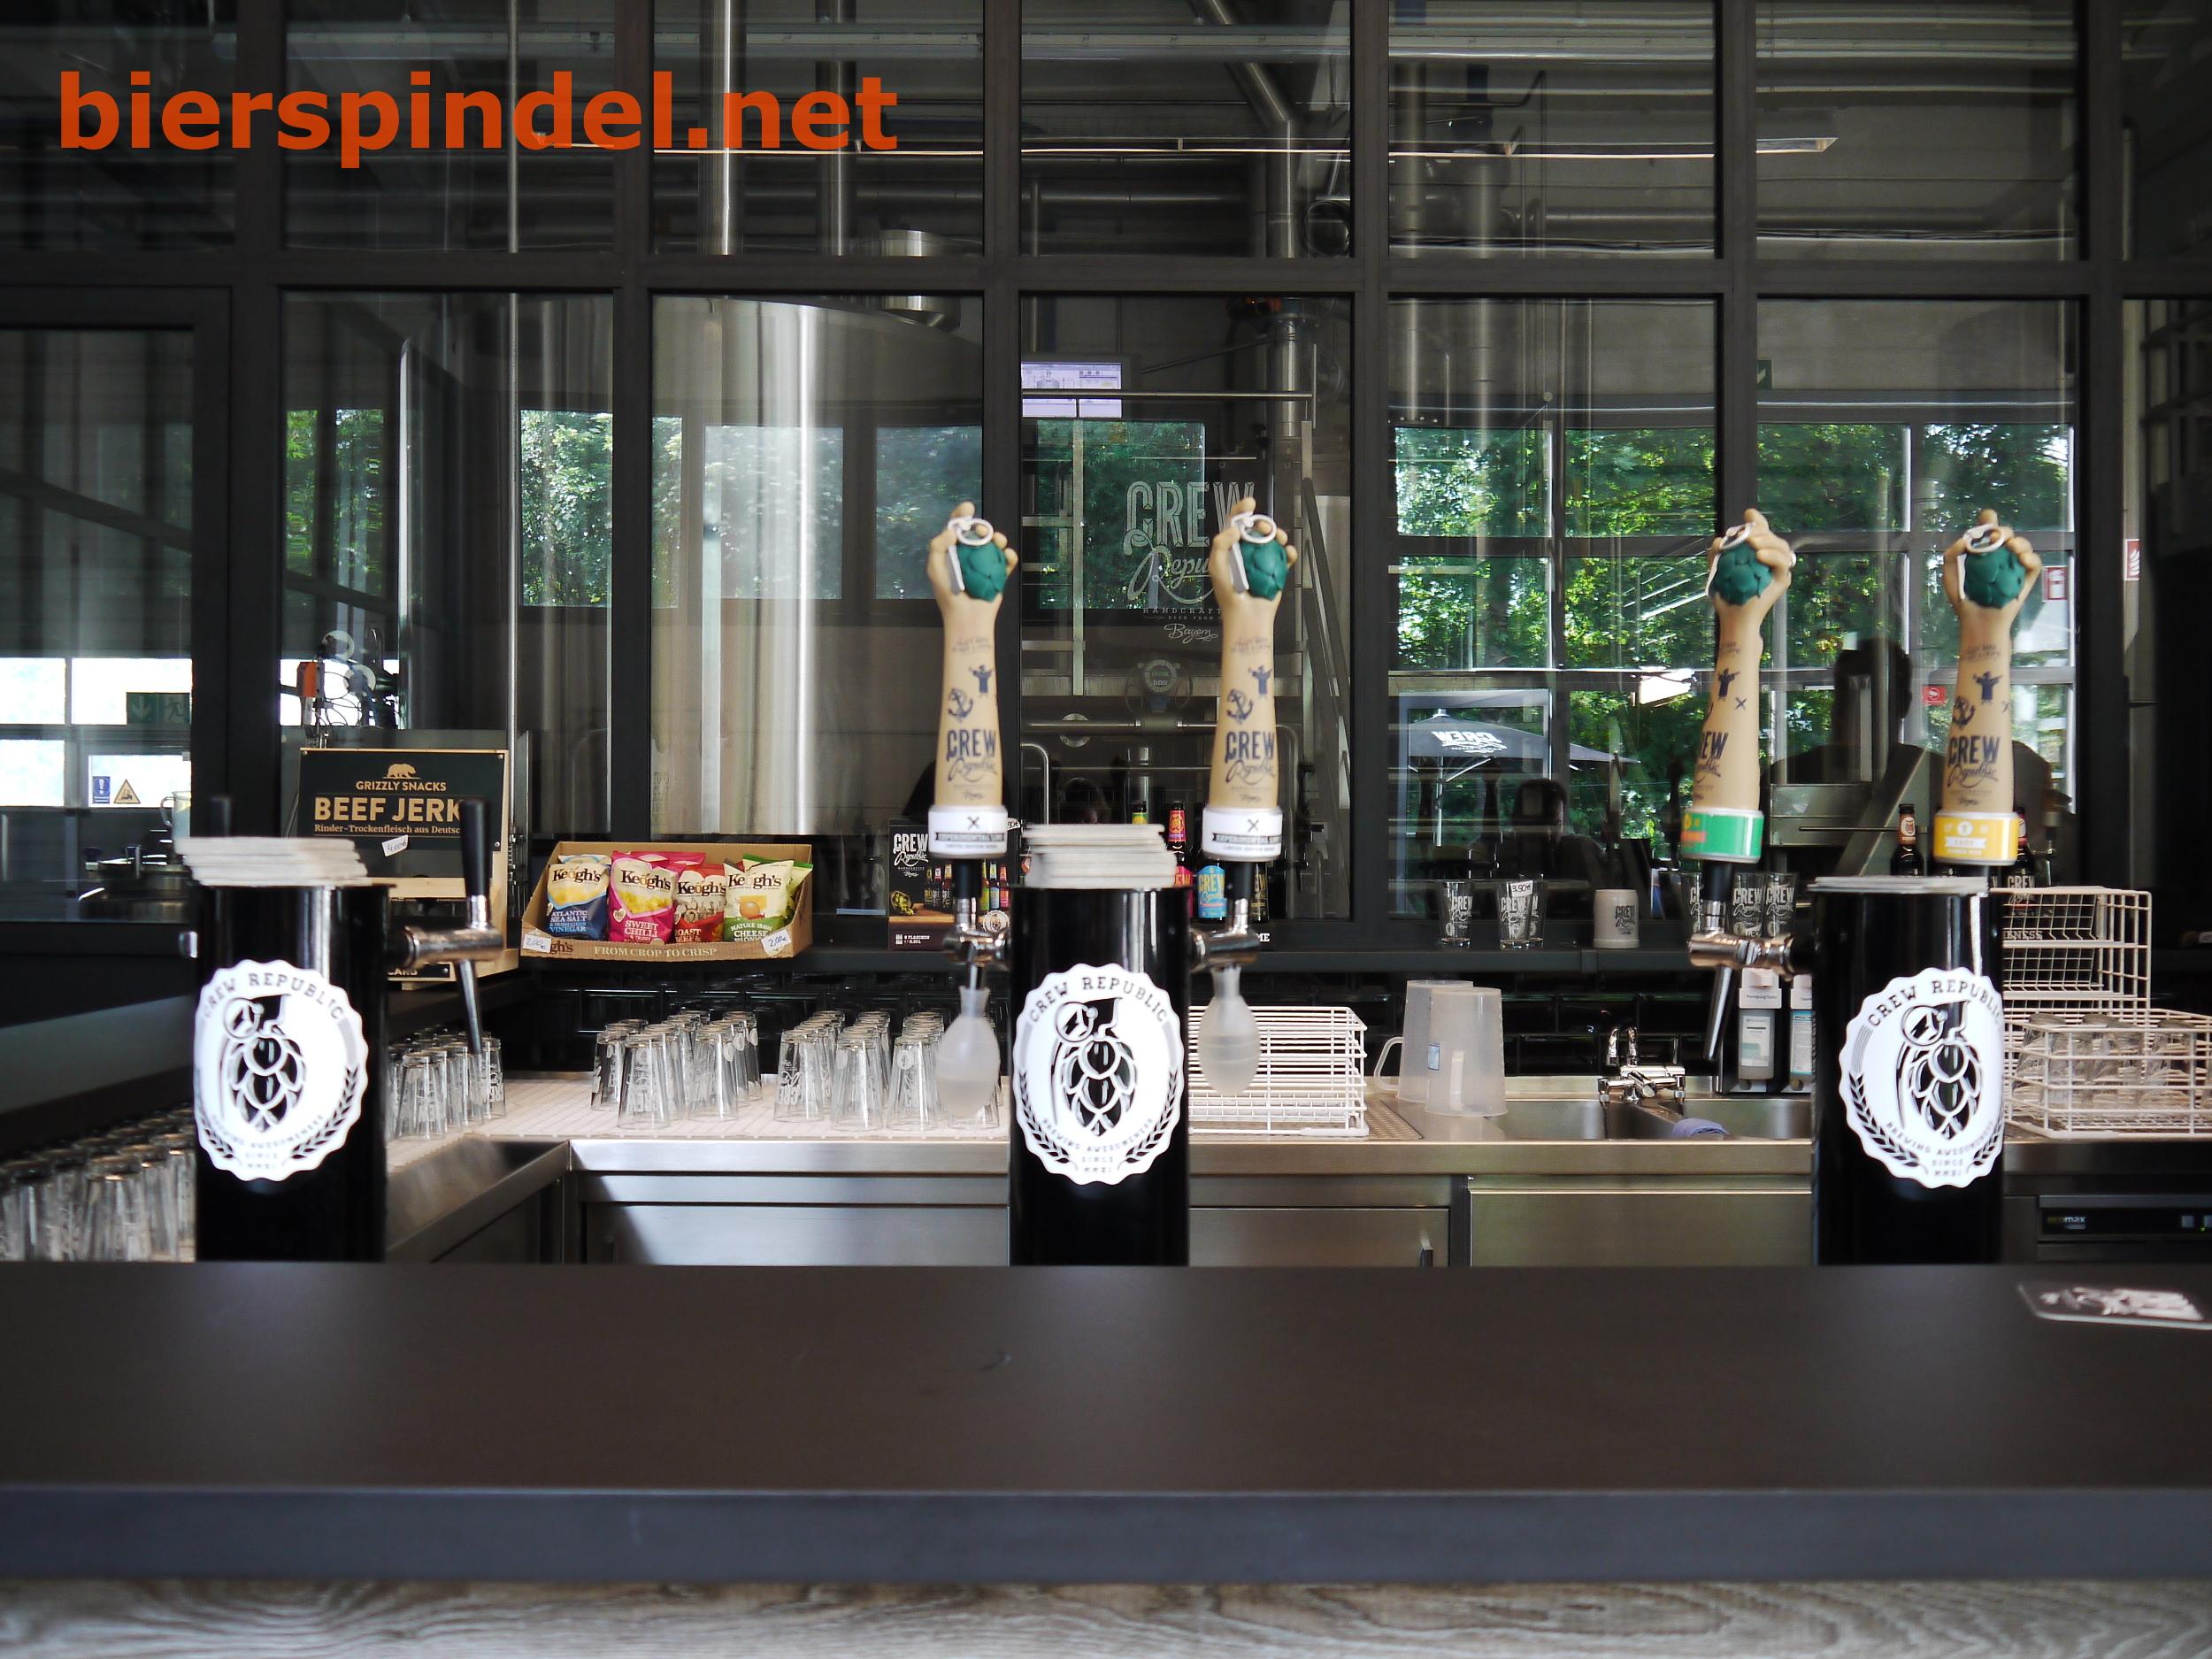 München | bierspindel